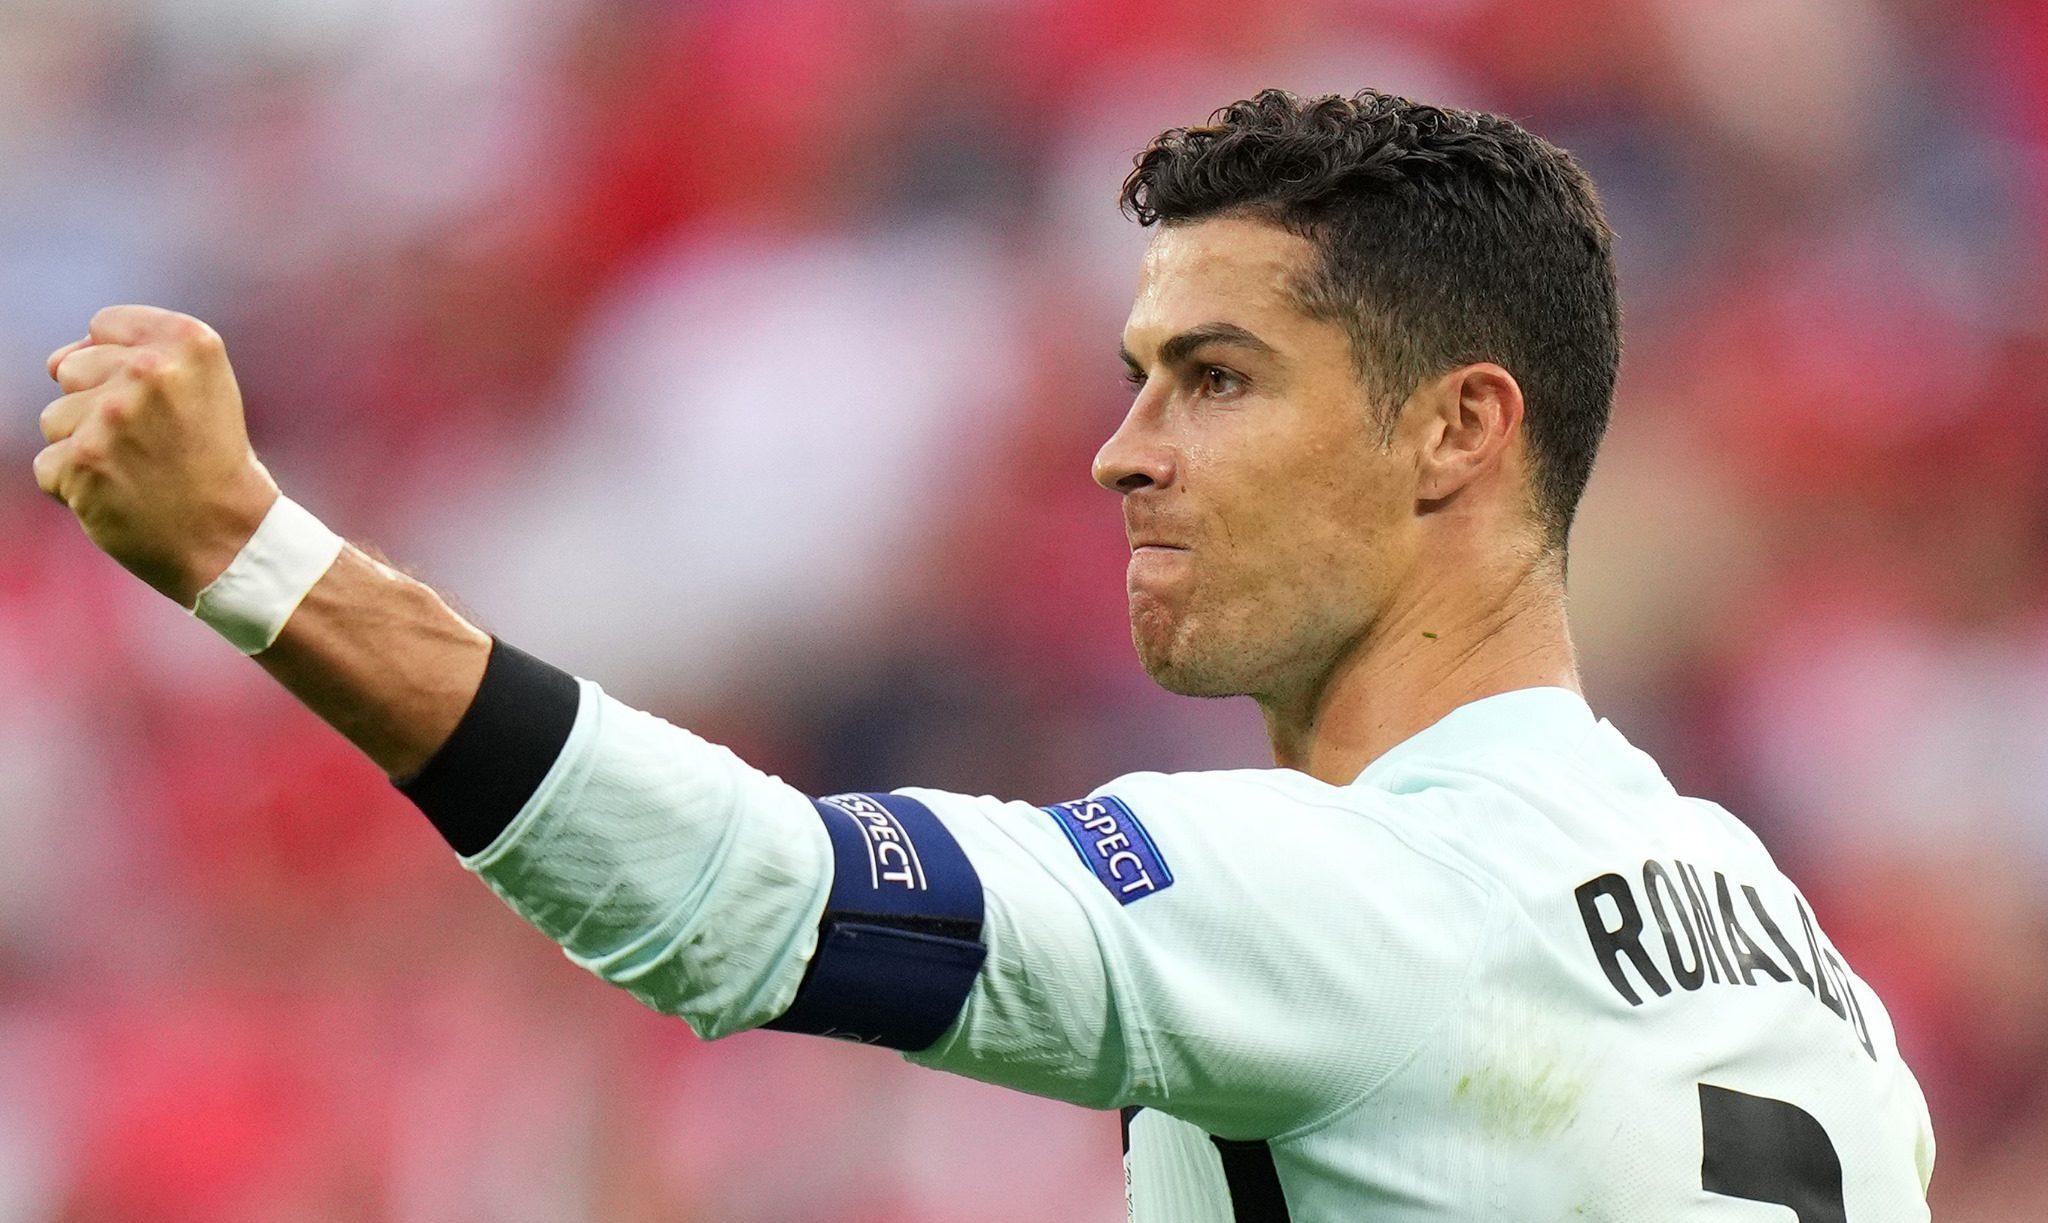 Cristiano Ronaldo - UEFA EURO 2020 fb page